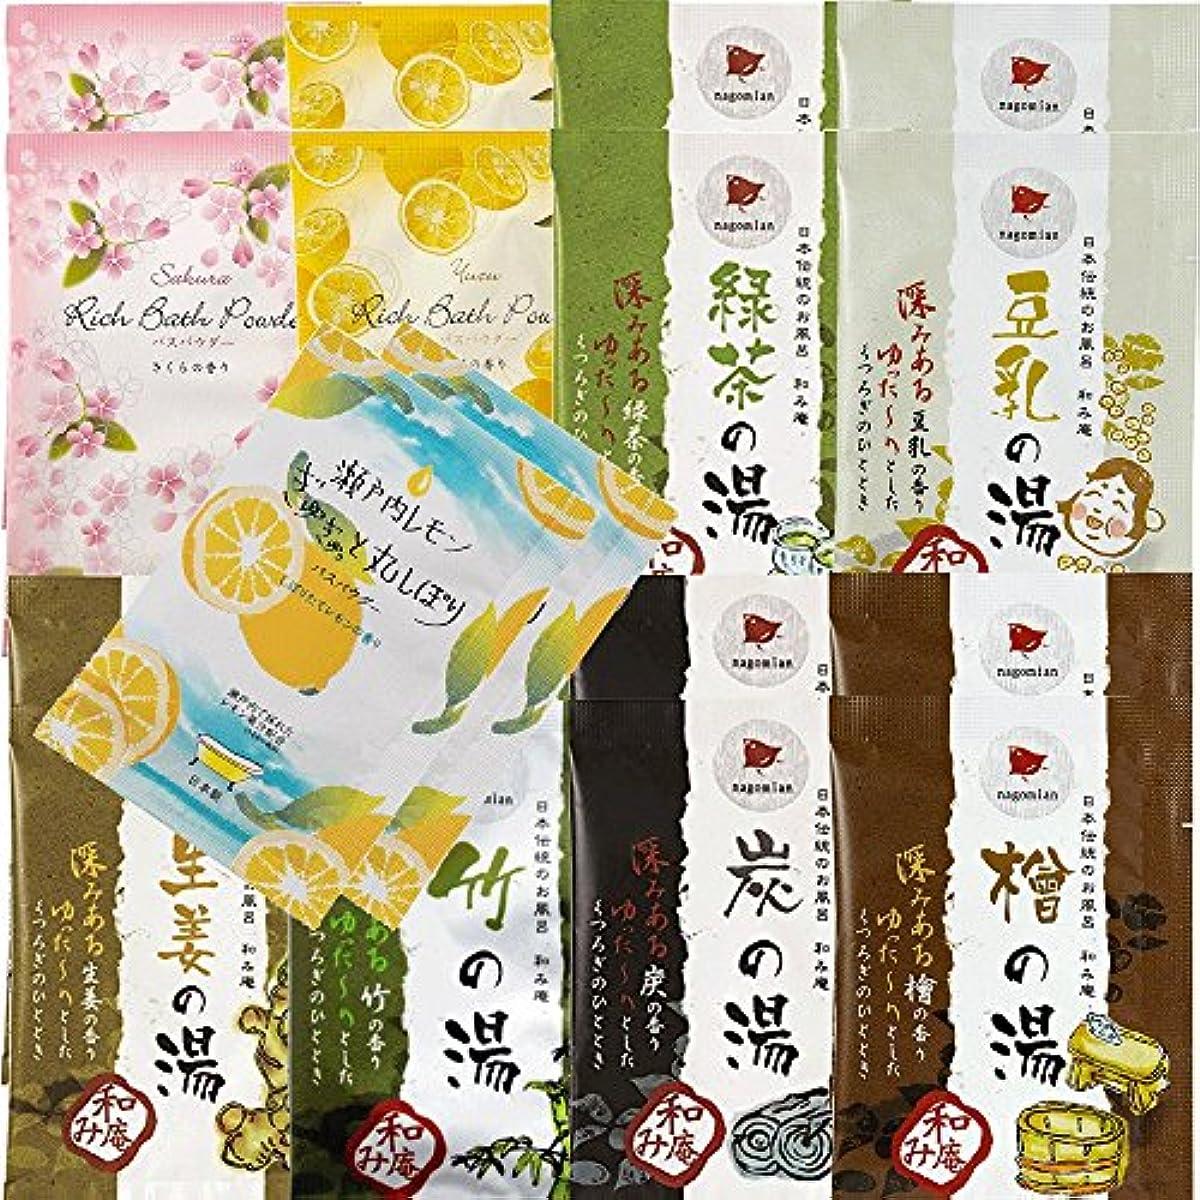 彼女のエンコミウム置換日本伝統のお風呂 和み庵 6種類×2 + バスパウダー 3種類×2セット 和風入浴剤 18包セット